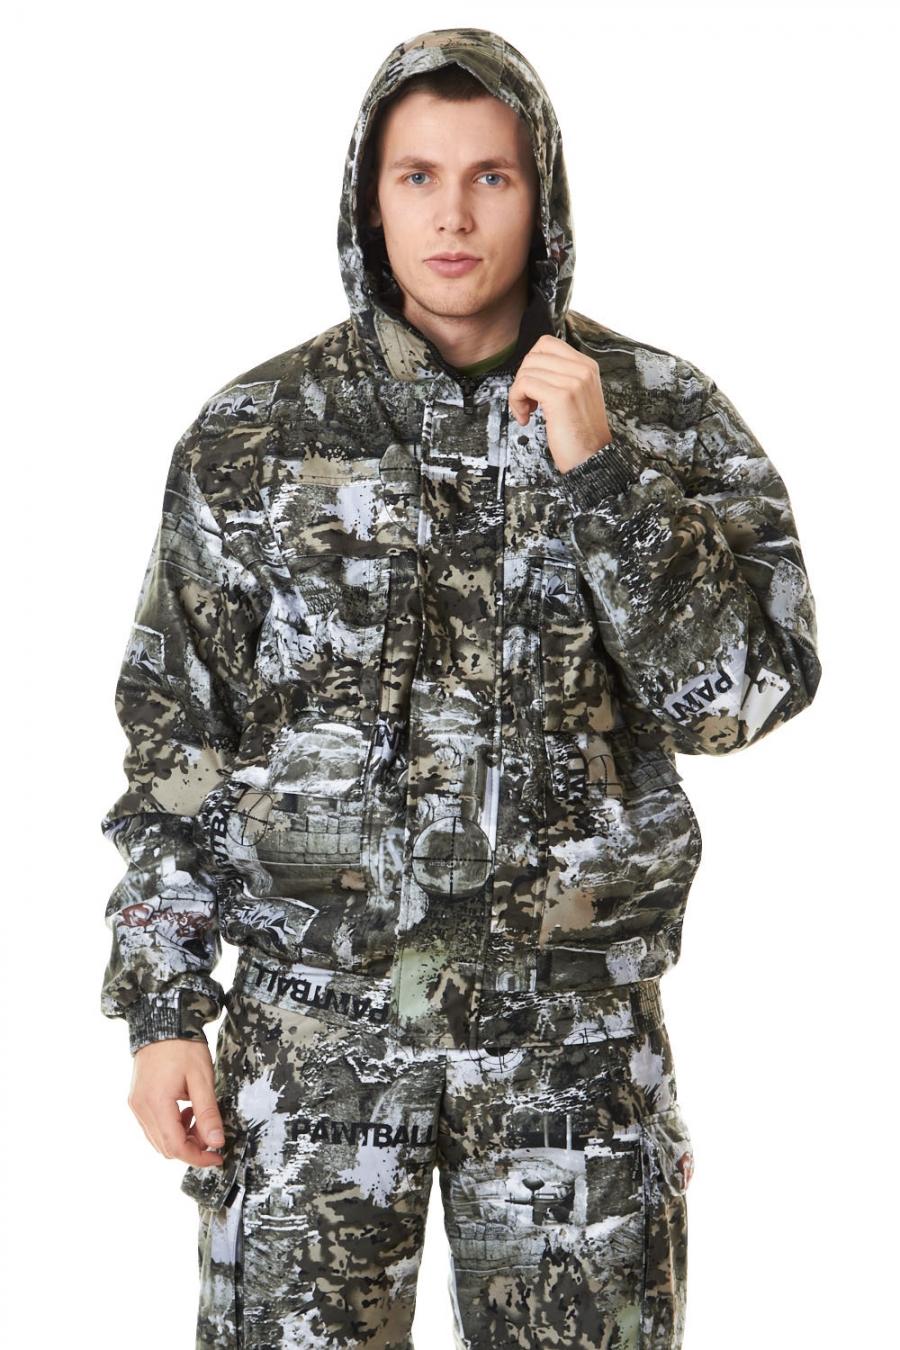 Сбор заказов!Очень низкие цены!Без рядов!Одежда для охоты,рыбалки,туризма - от Стайер-Текс.Выкуп-20.